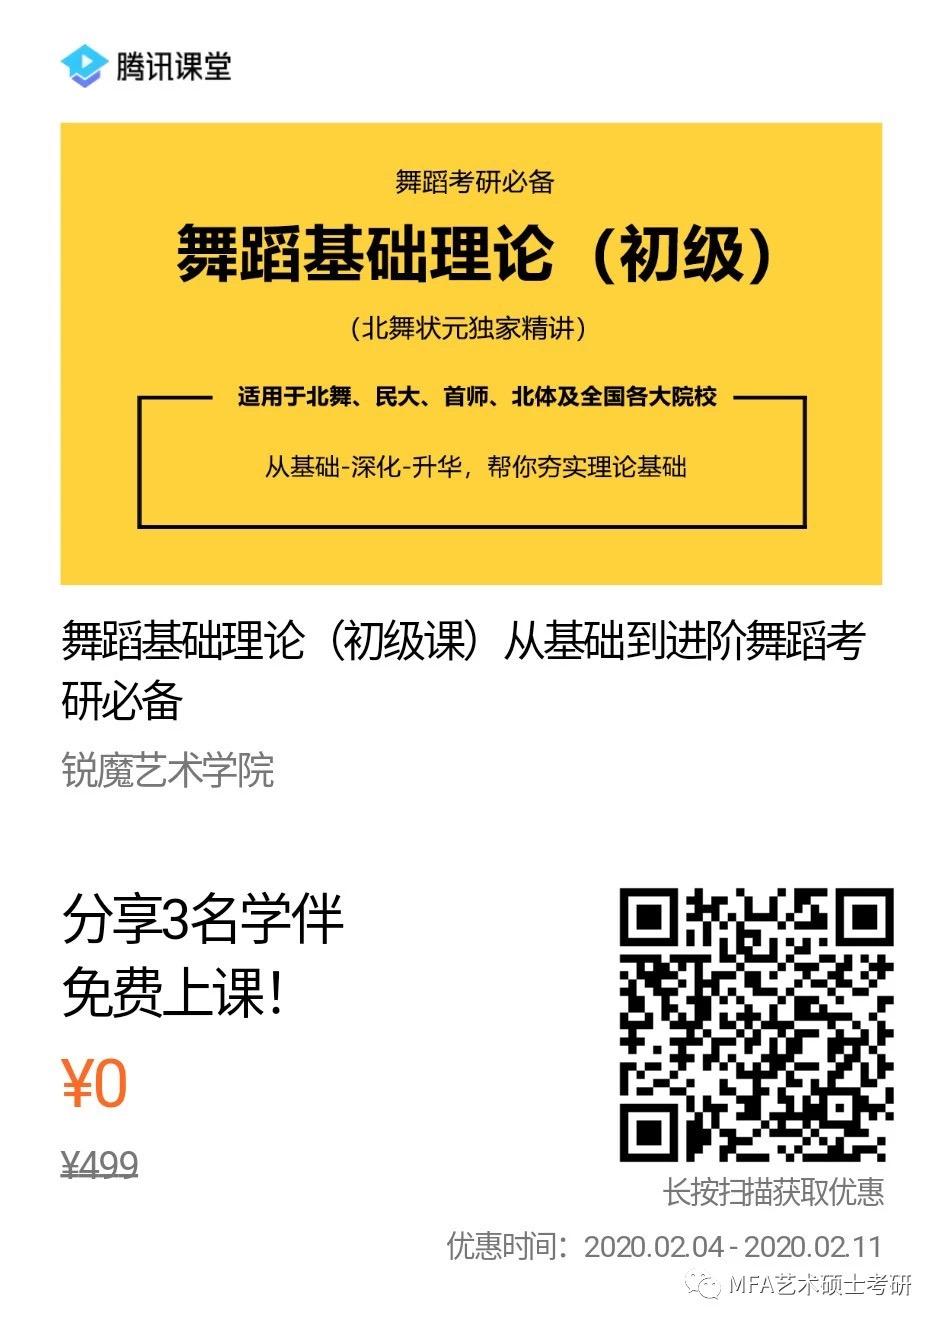 微信图片_20200210210554